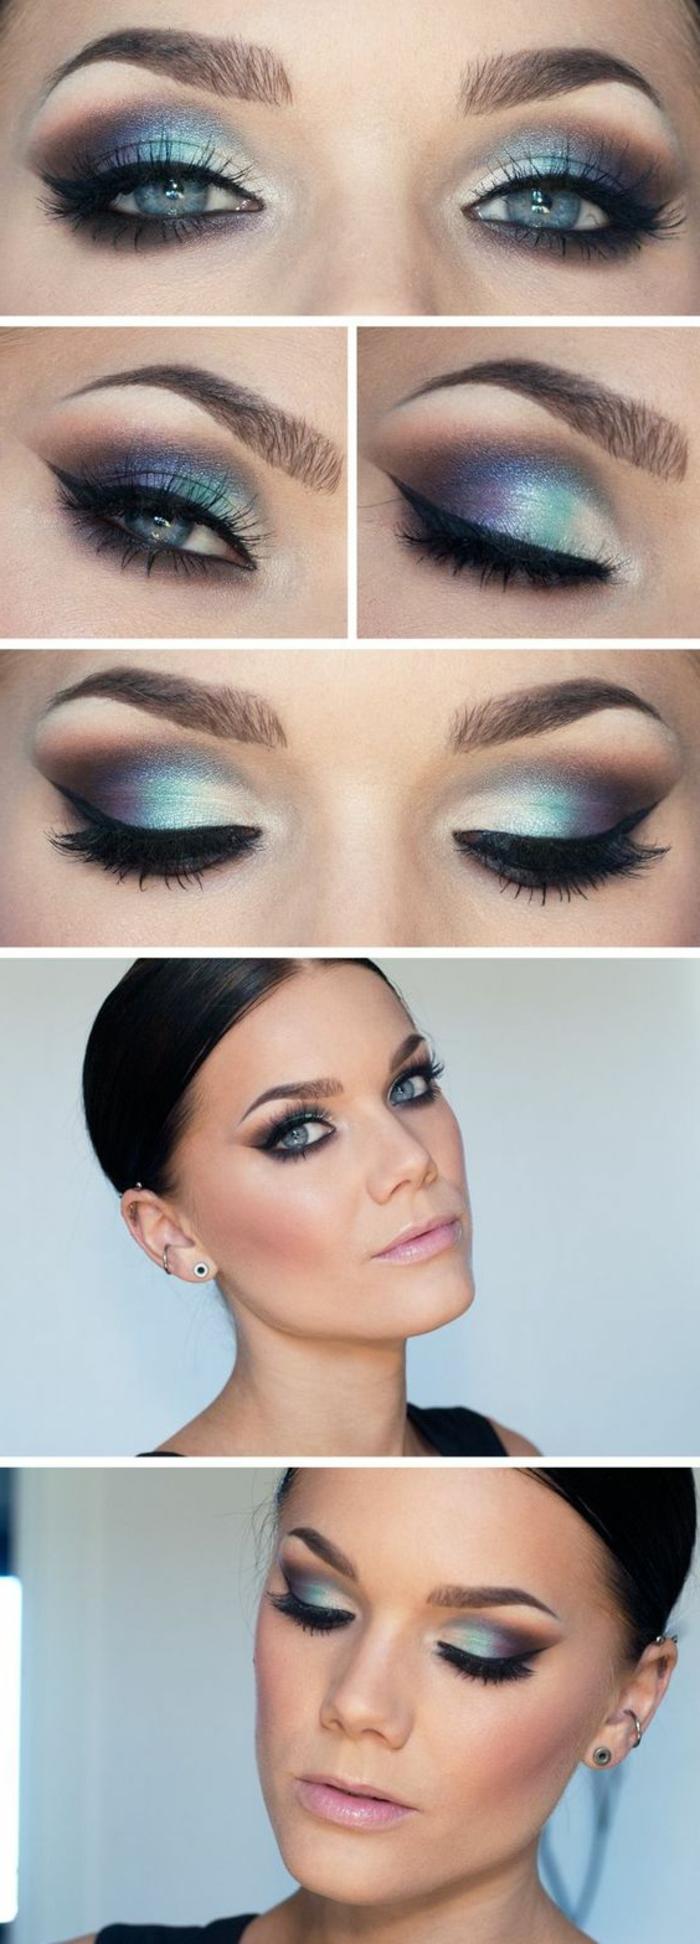 ojos-ahumados-linda-mujer-con-ojos-azules-maquillaje-tonos-azules-y-violeta